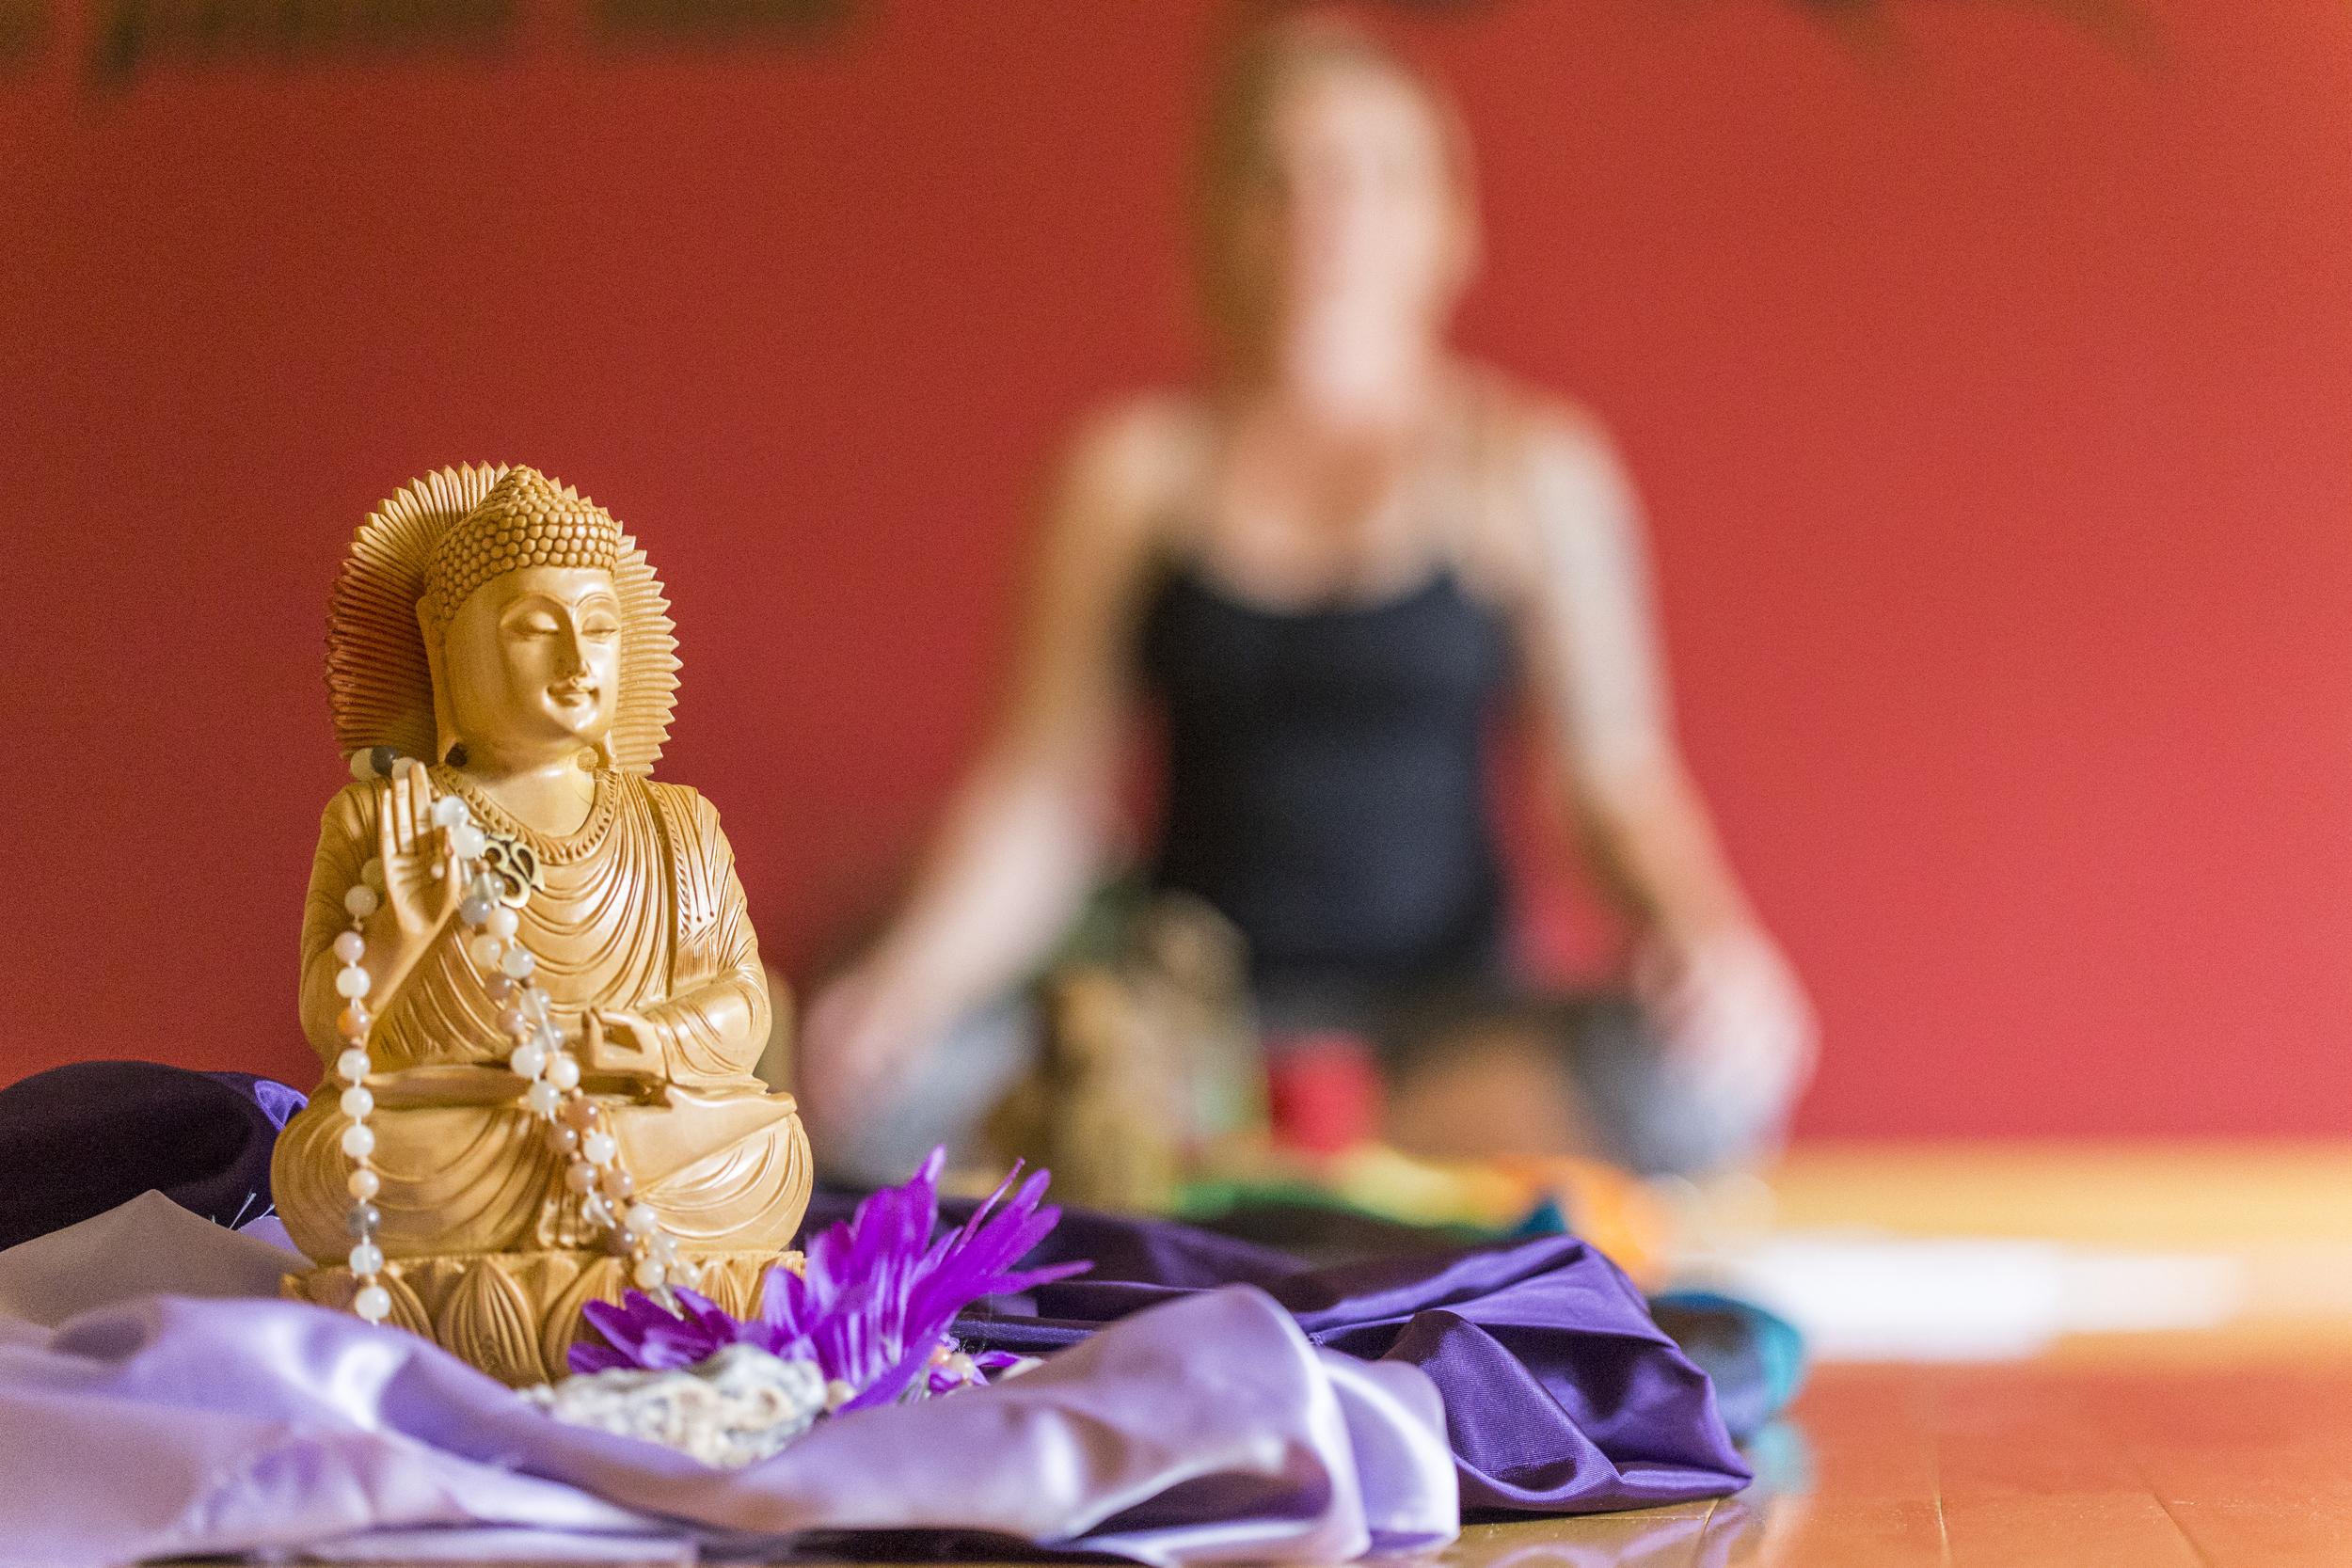 green-lotus-healing-massage-therapies